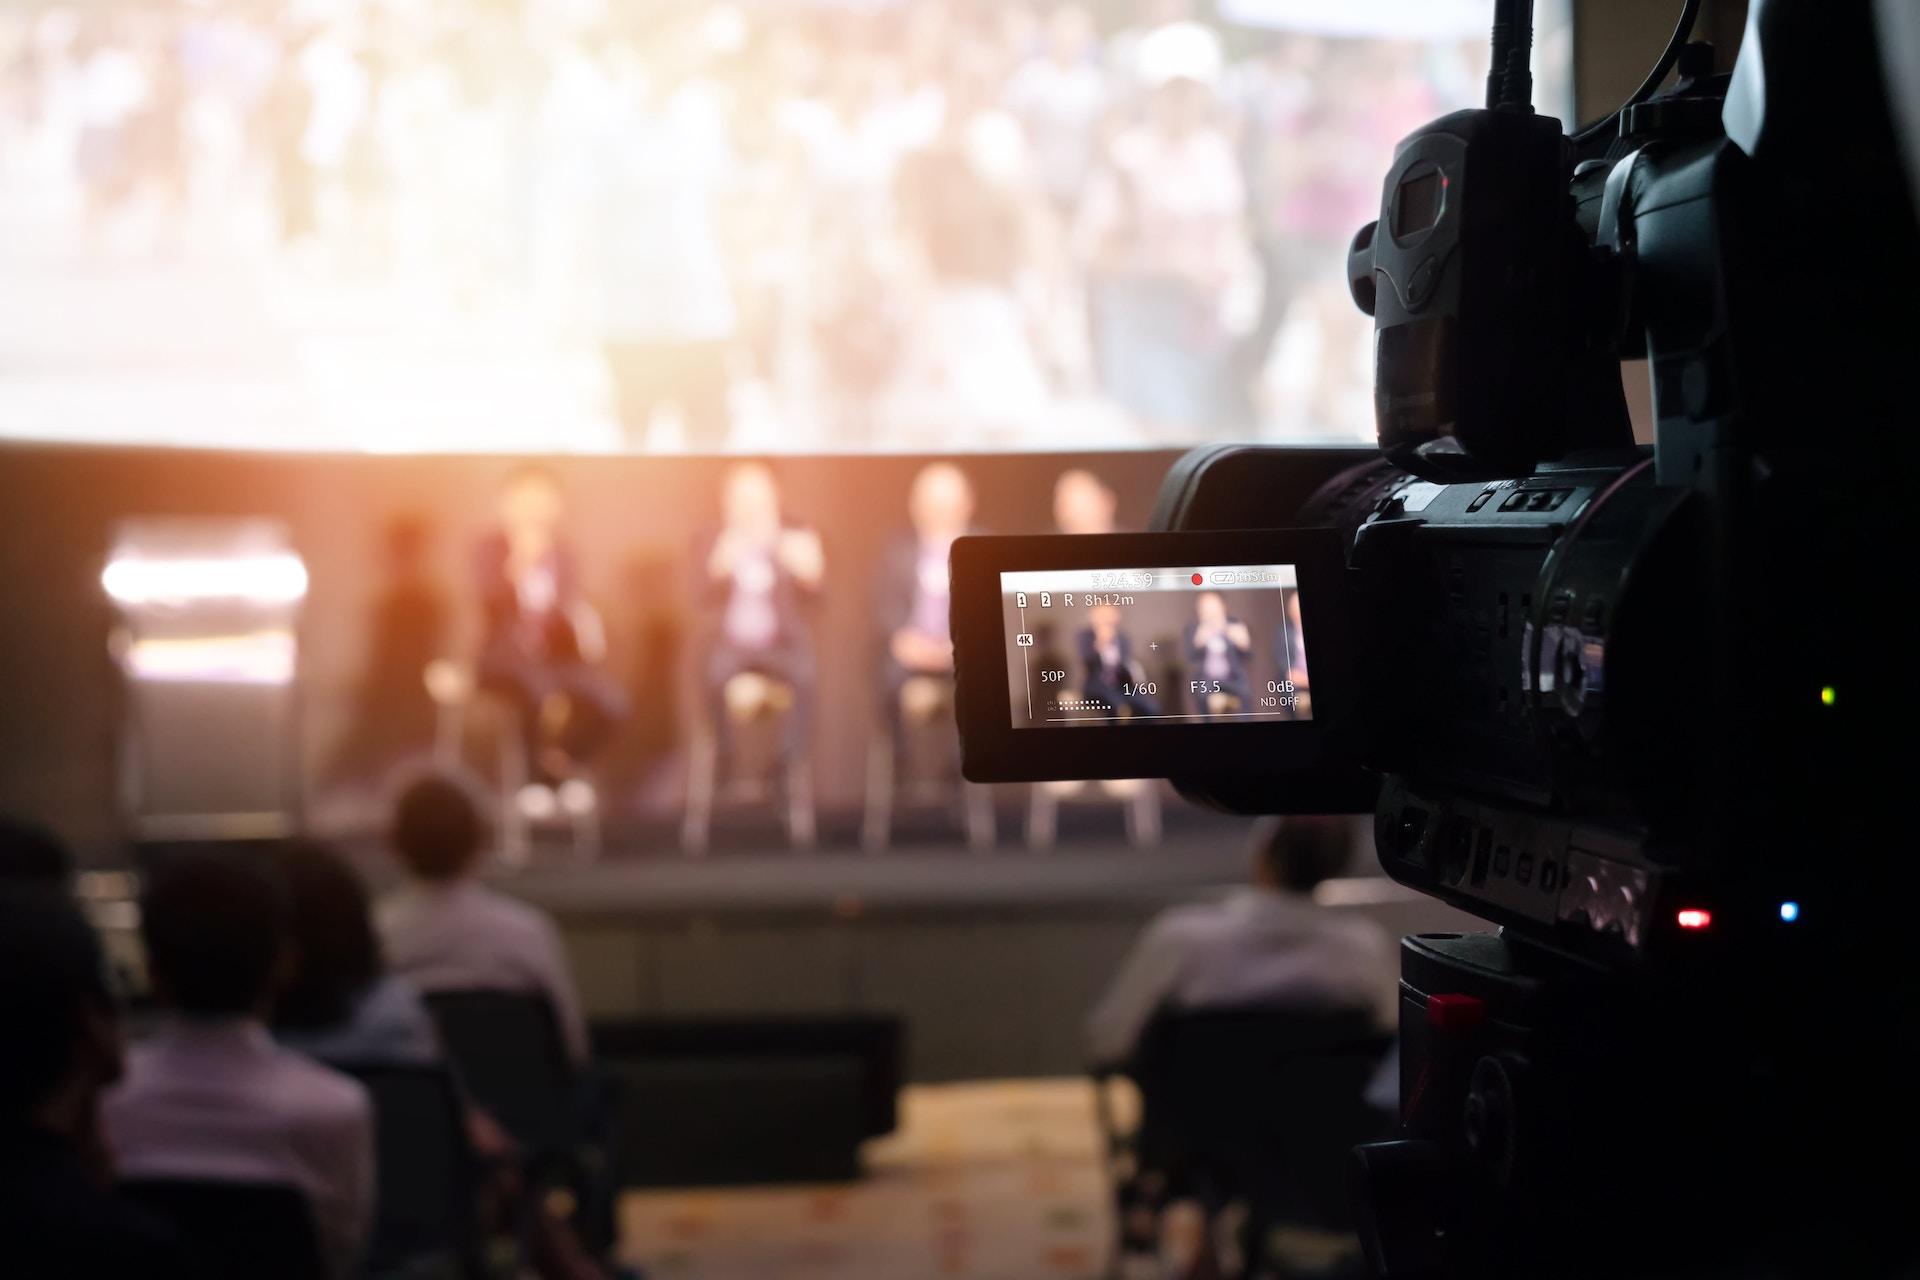 Caméra qui filme un événement sur une scène